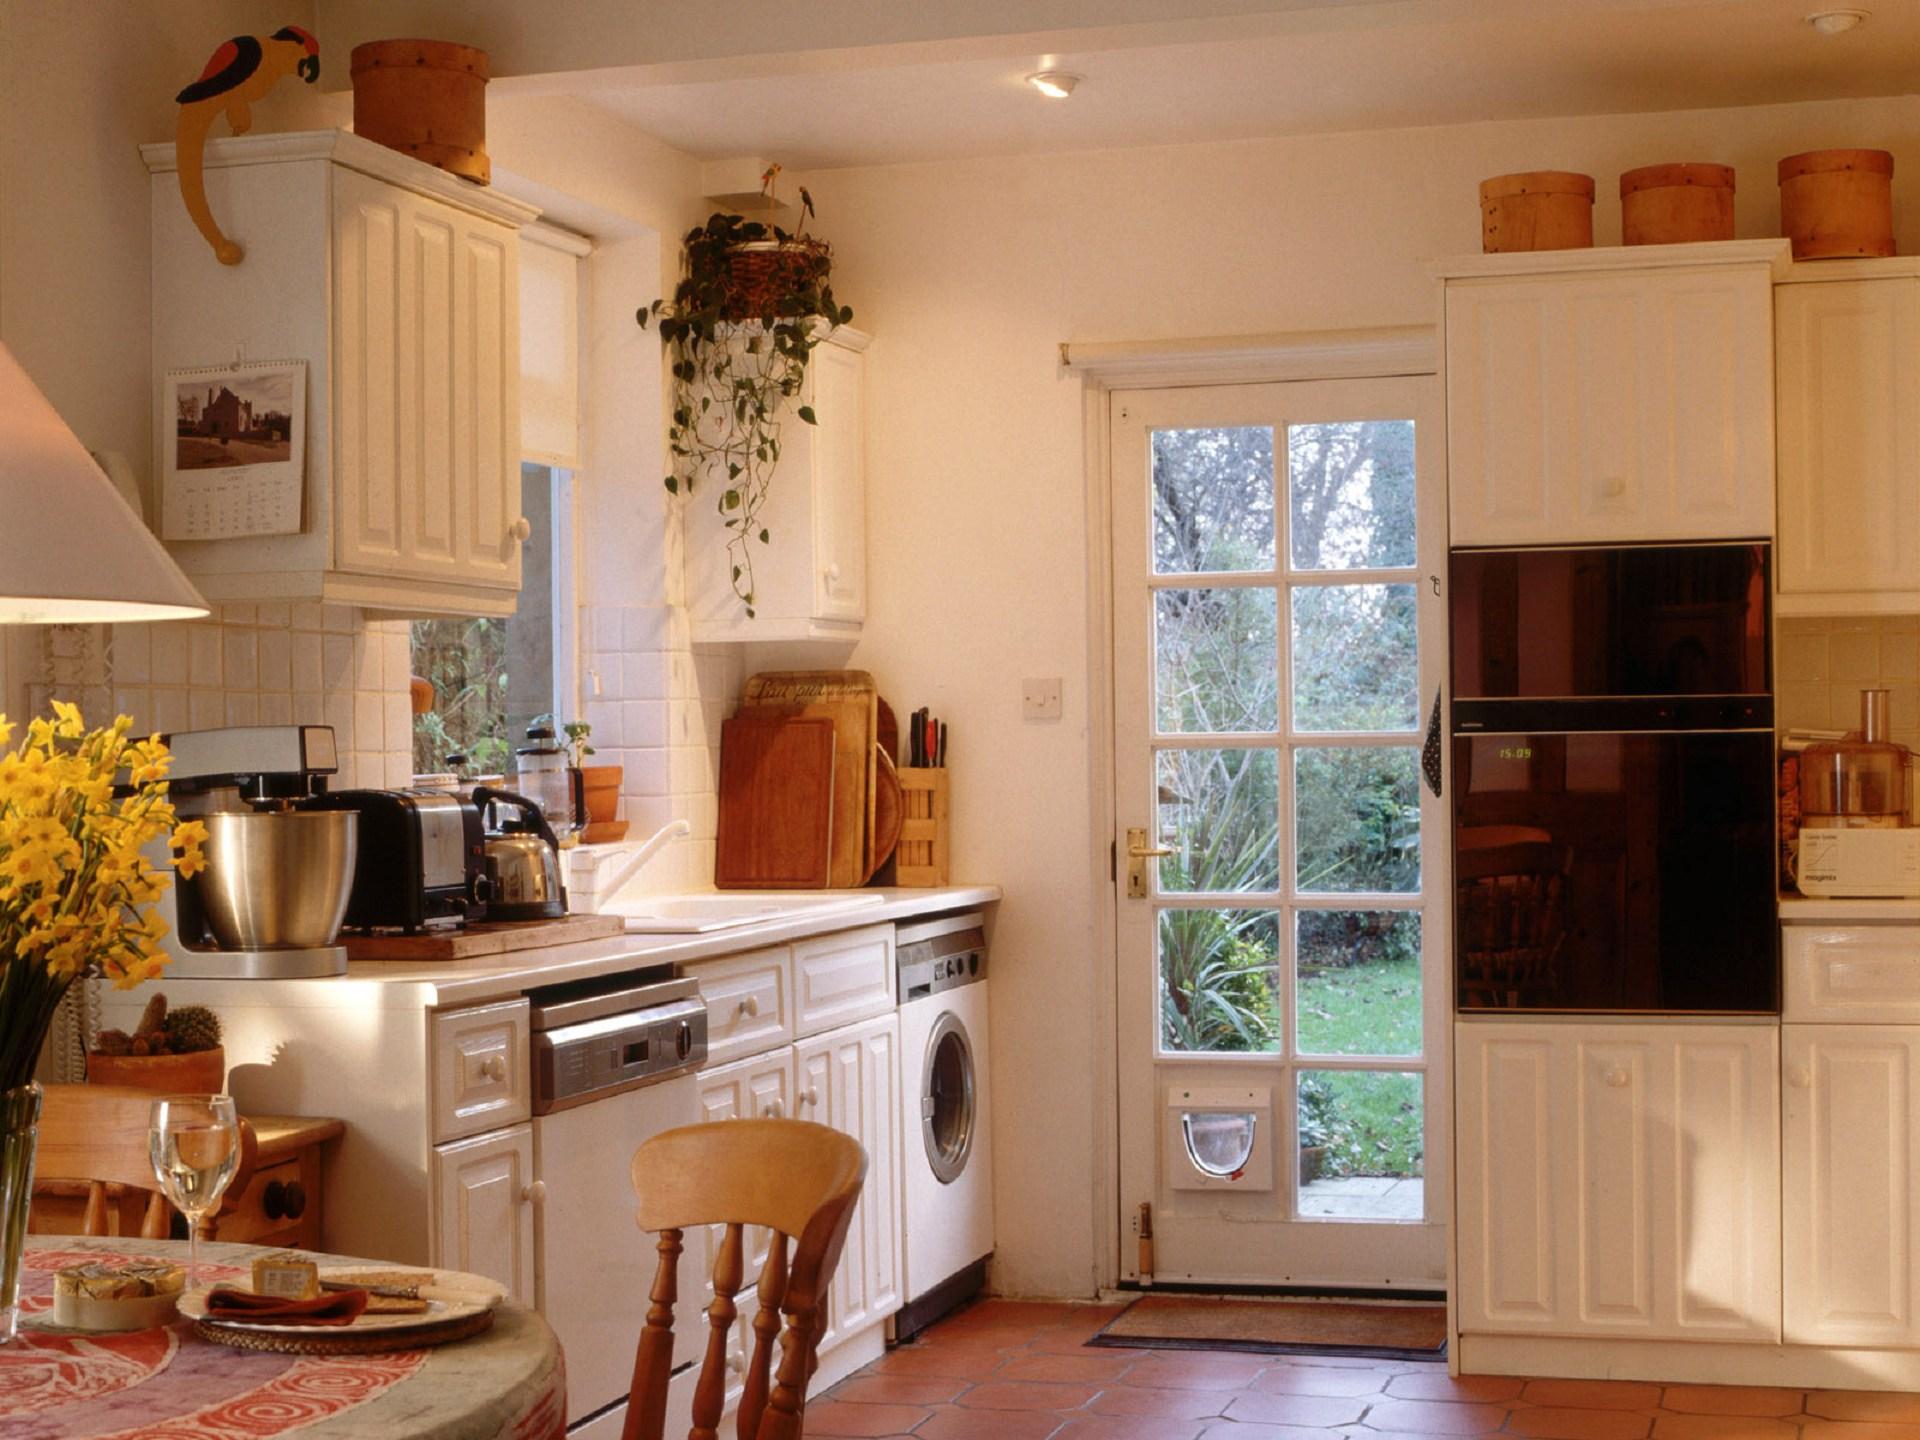 Дизайн кухни в частном доме: 50 фото самых удачных интерьеров 19